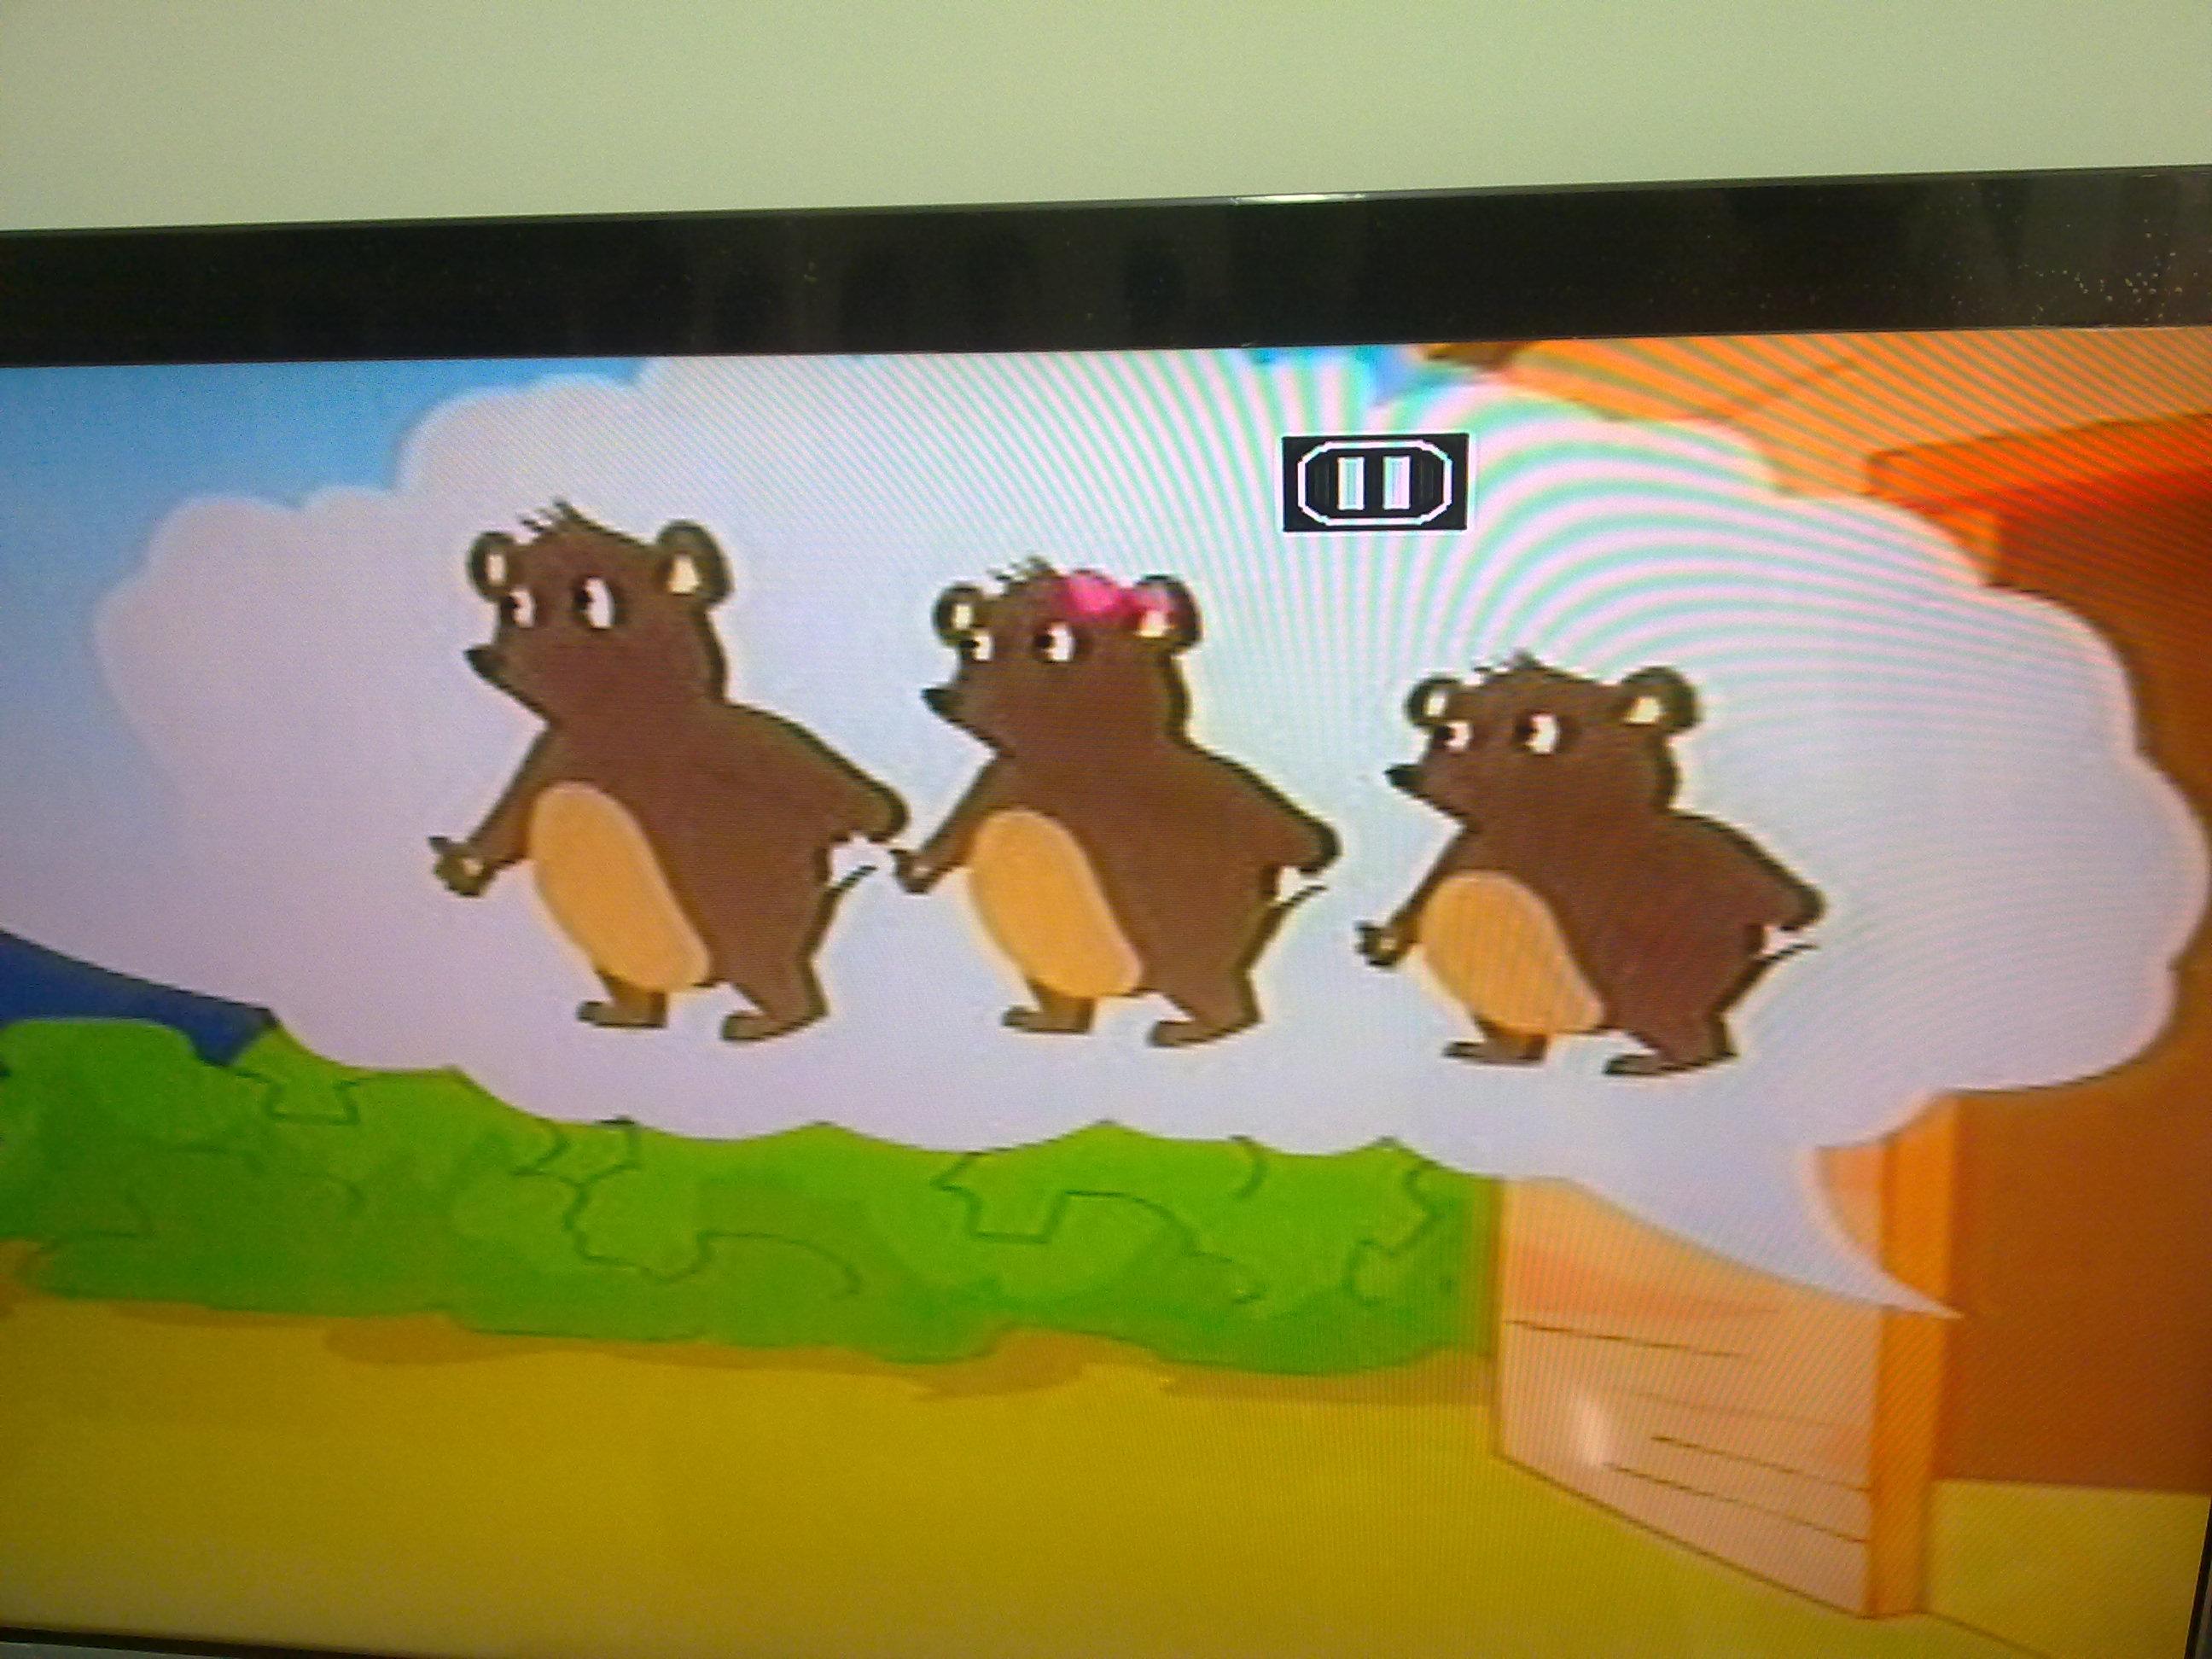 三只熊表情包的名字分享展示